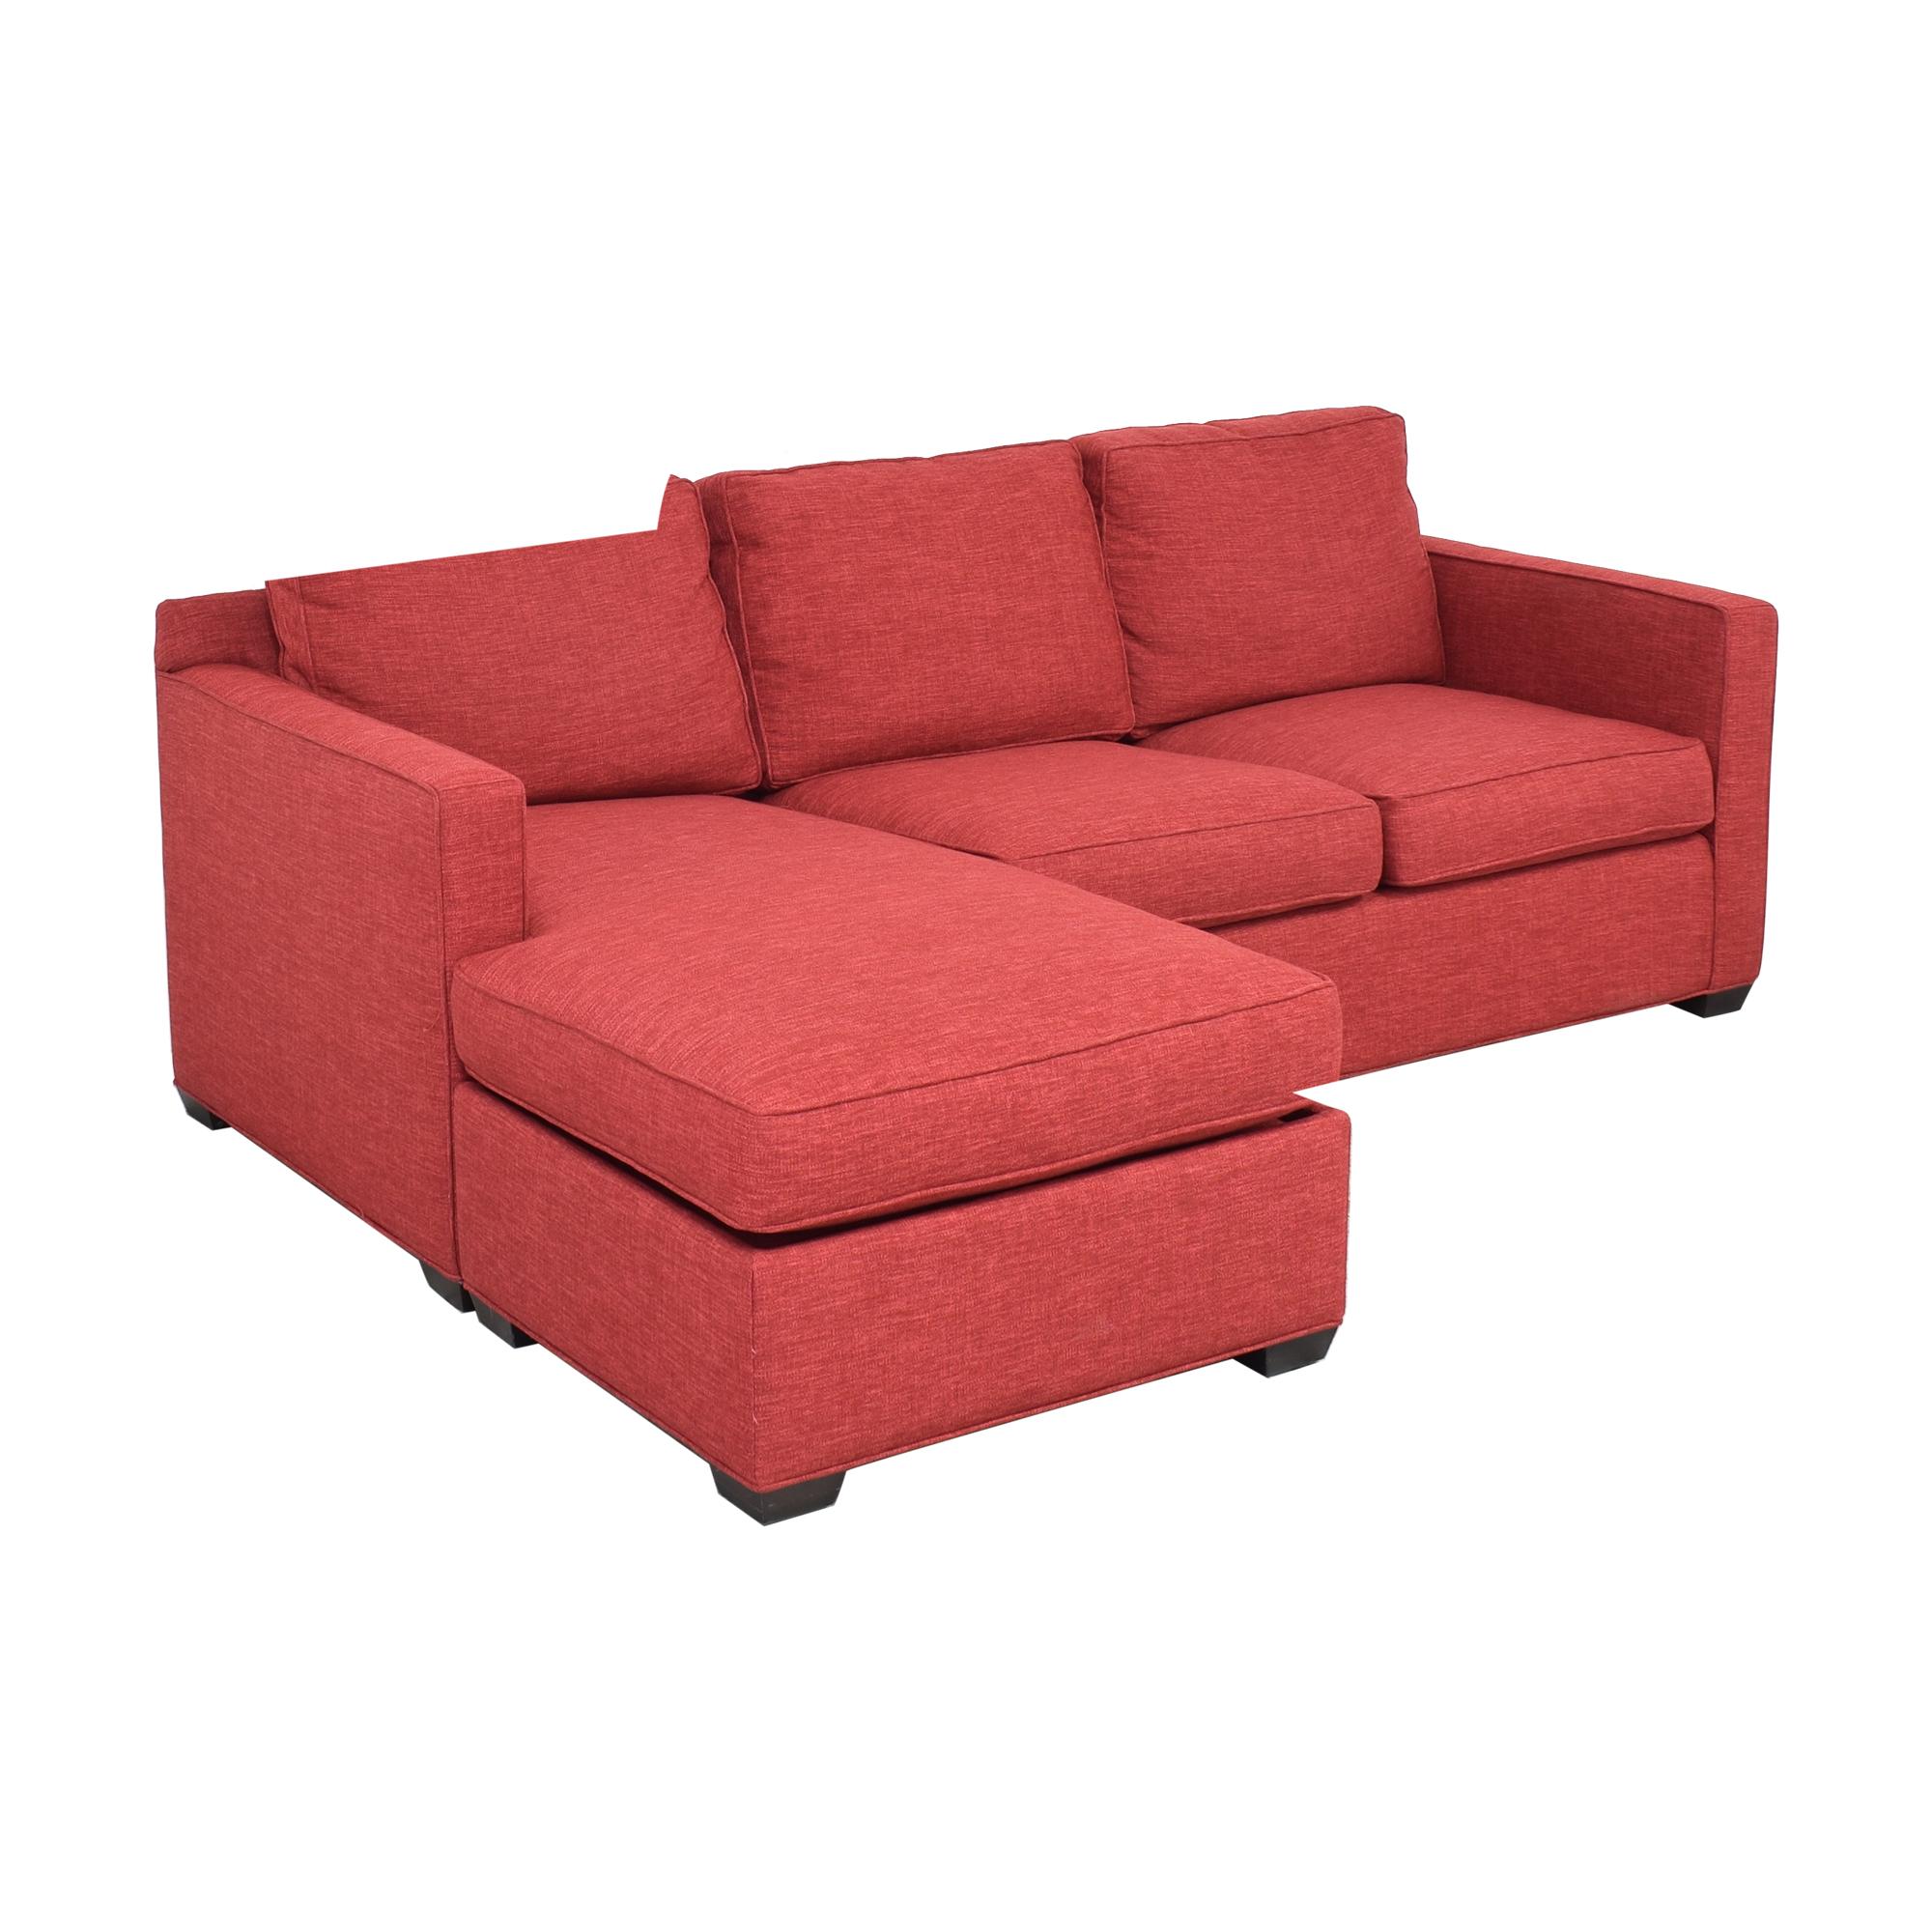 shop Crate & Barrel Davis 3-Seat Lounger Sofa Crate & Barrel Sectionals